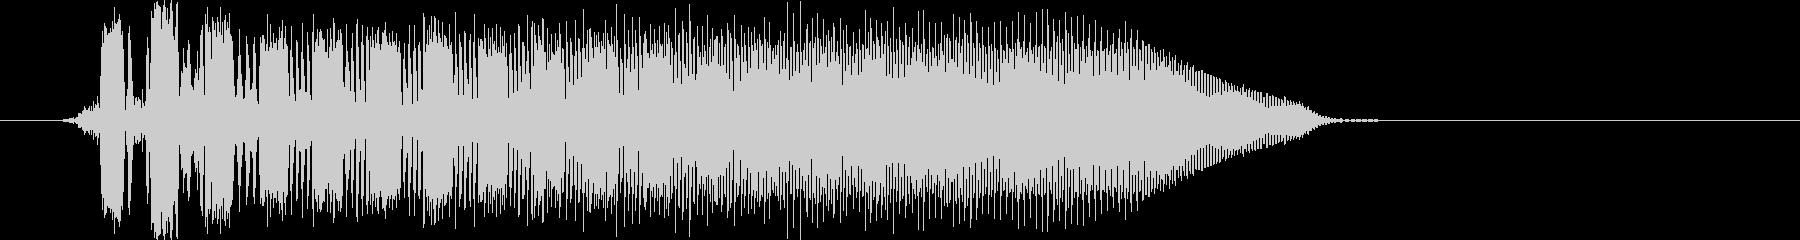 AMGアナログFX 32の未再生の波形